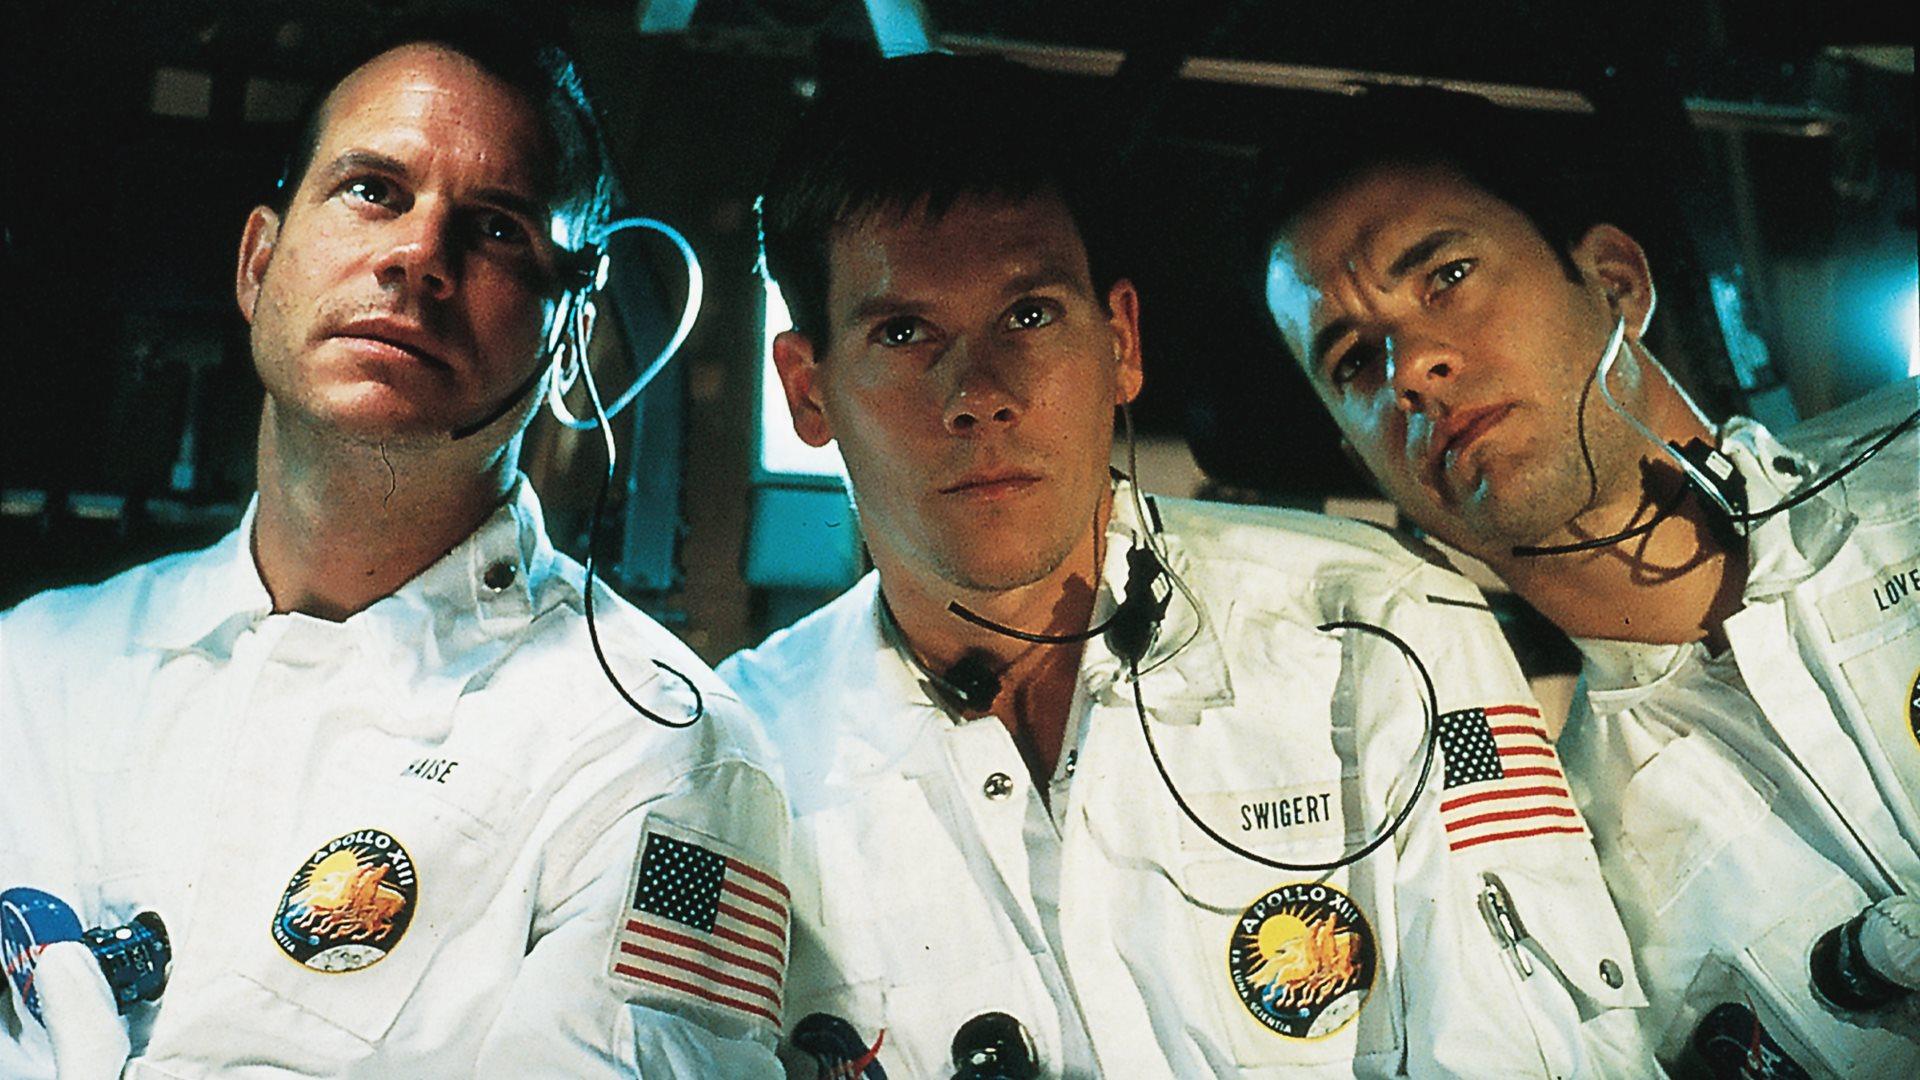 دانلود فیلم Apollo 13 1995